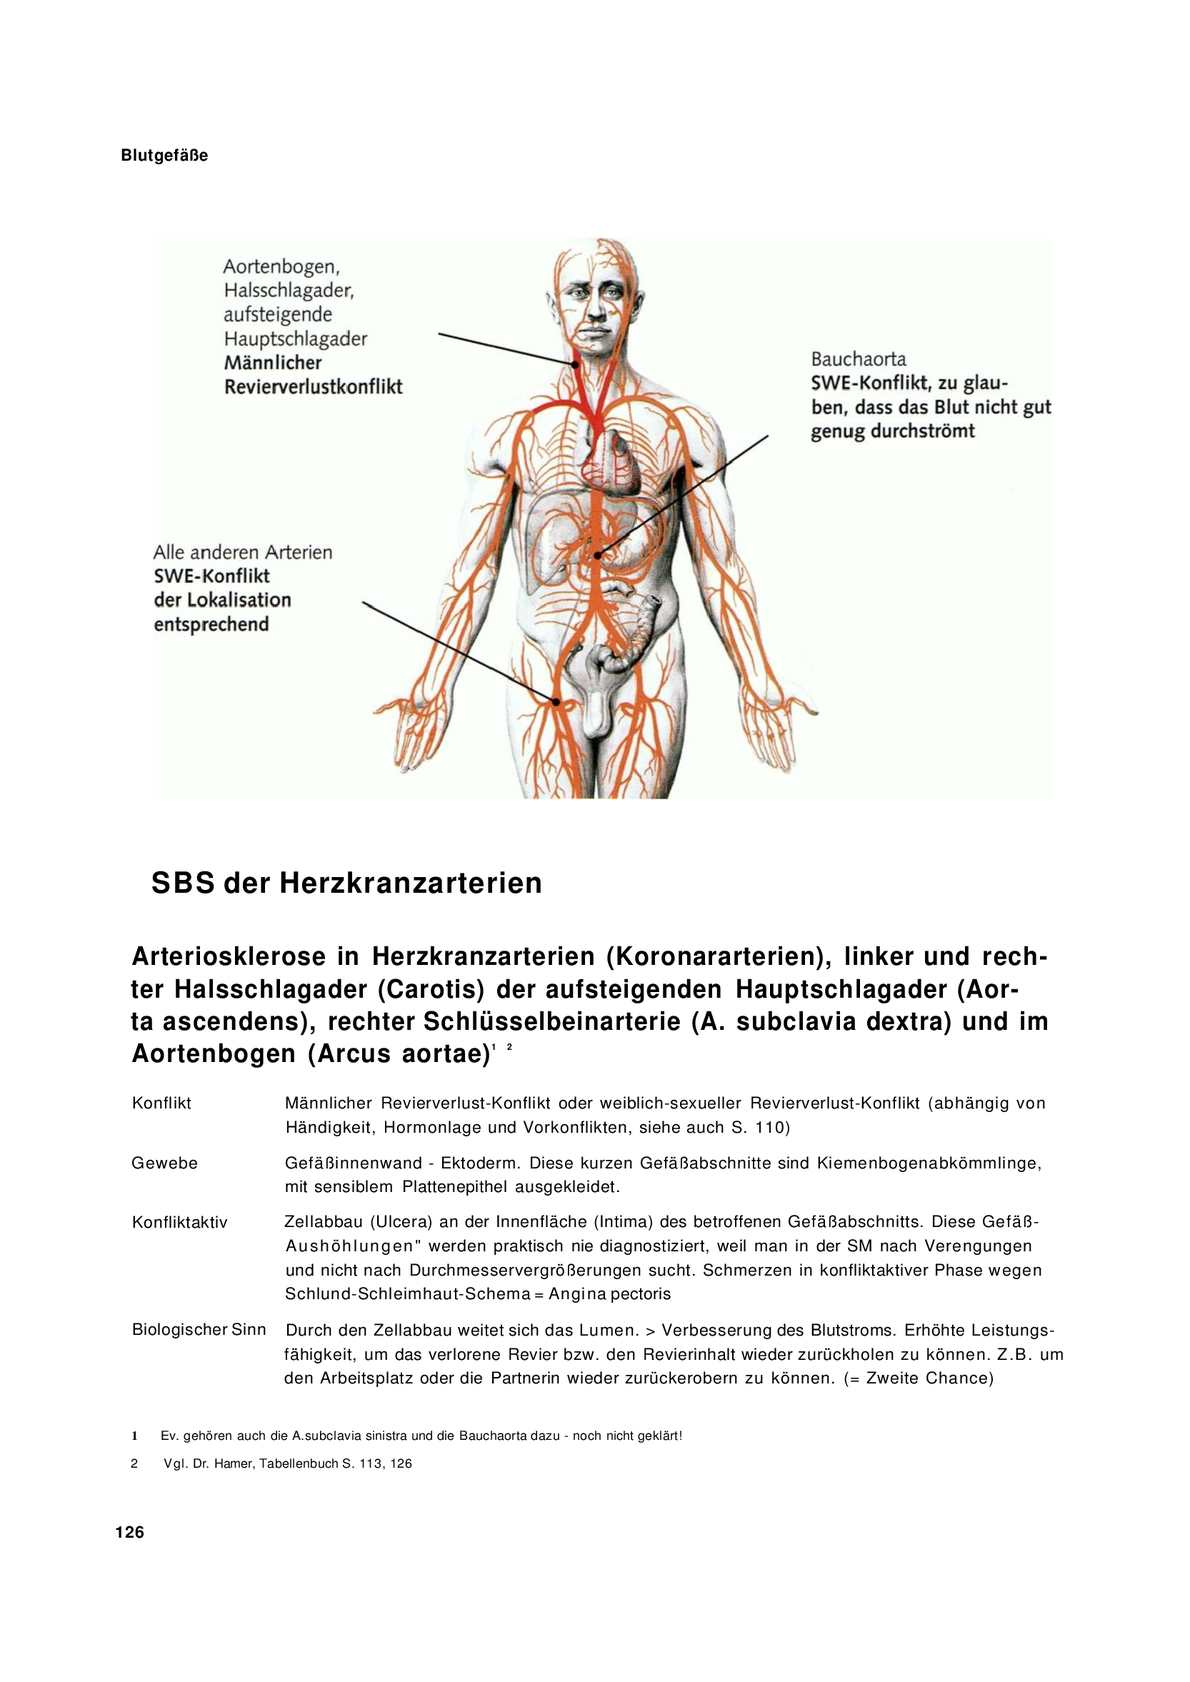 Fantastisch Blutgefäße Im Menschlichen Körper Fotos - Anatomie Ideen ...